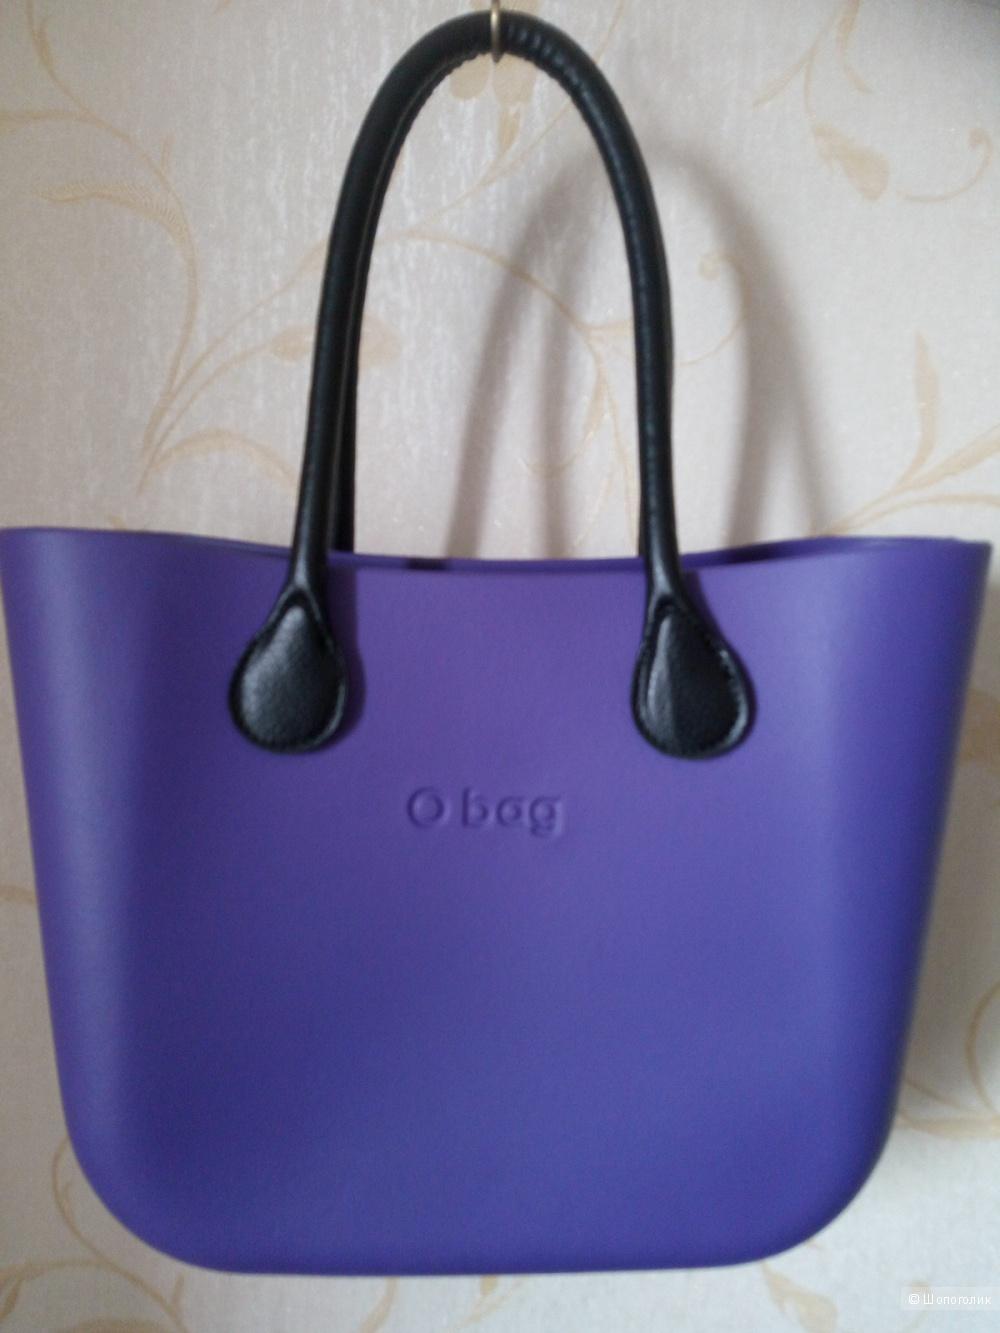 сумка Obag фото : O bag classic